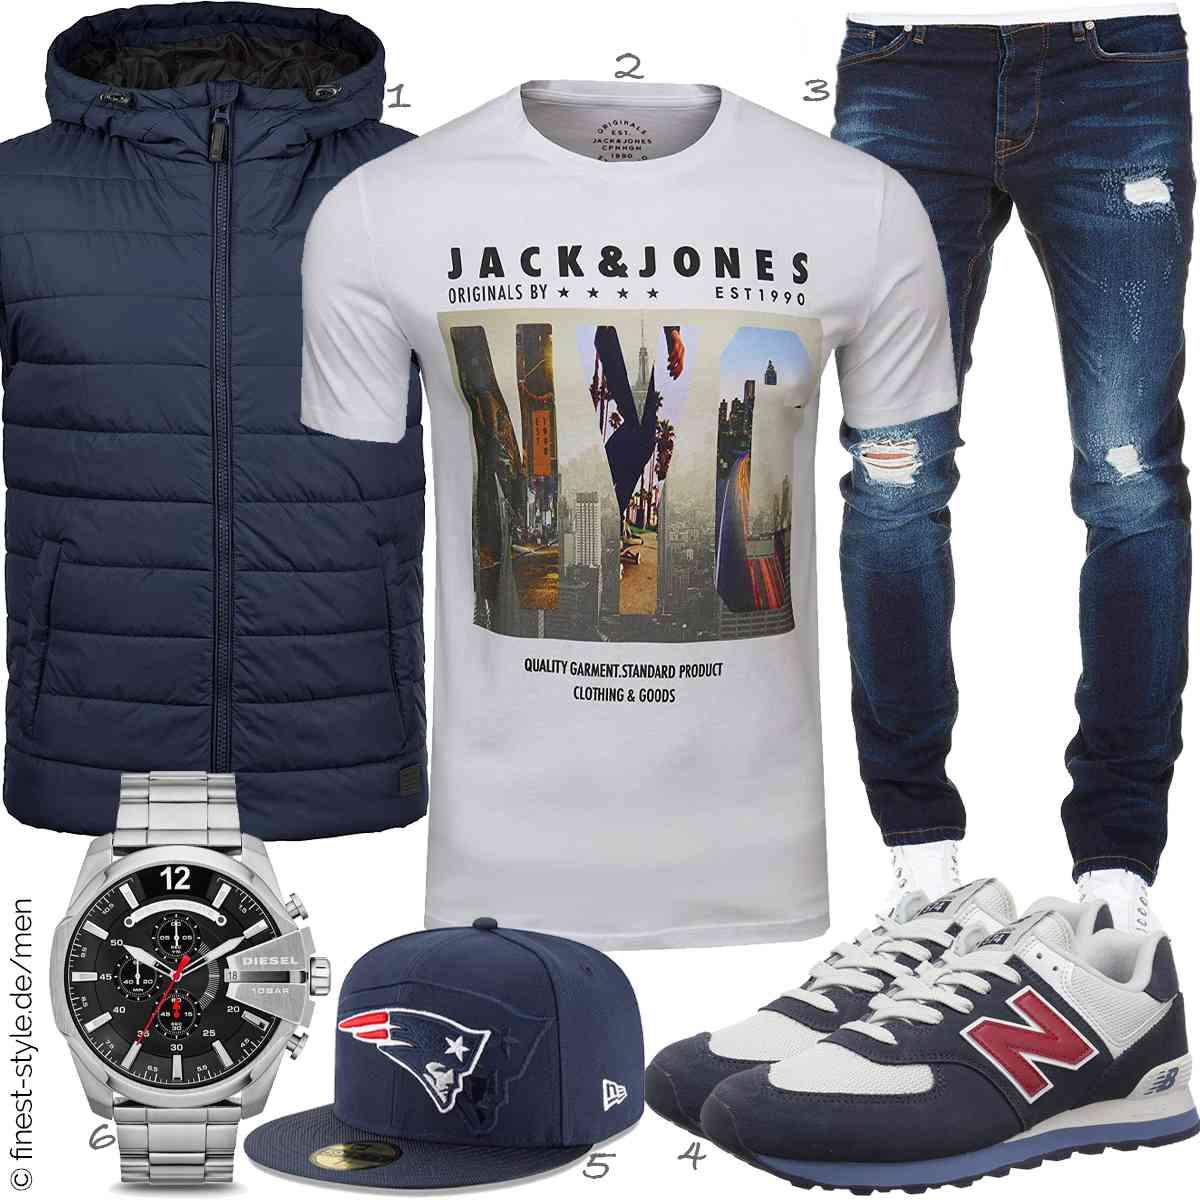 Top Herren-Outfit im Finest-Trend-Style für ein selbstbewusstes Modegefühl mit tollen Produkten von Blend,JACK & JONES,Amaci&Sons,New Balance,New Era,Diesel